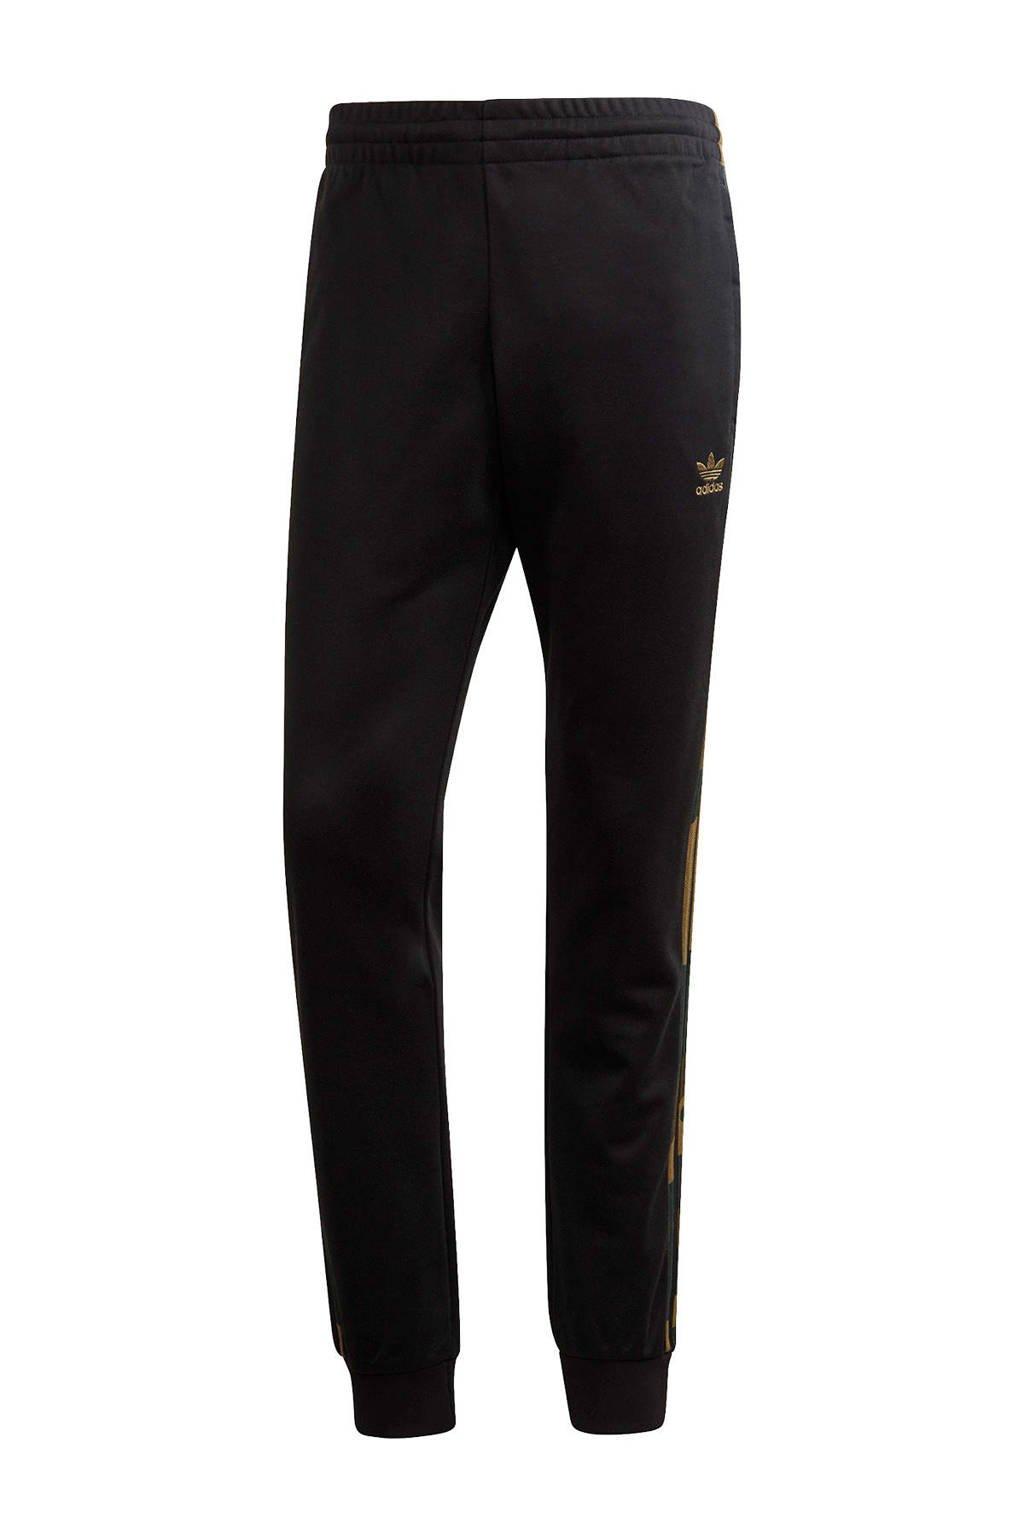 adidas Originals joggingbroek zwart, Zwart/bruin